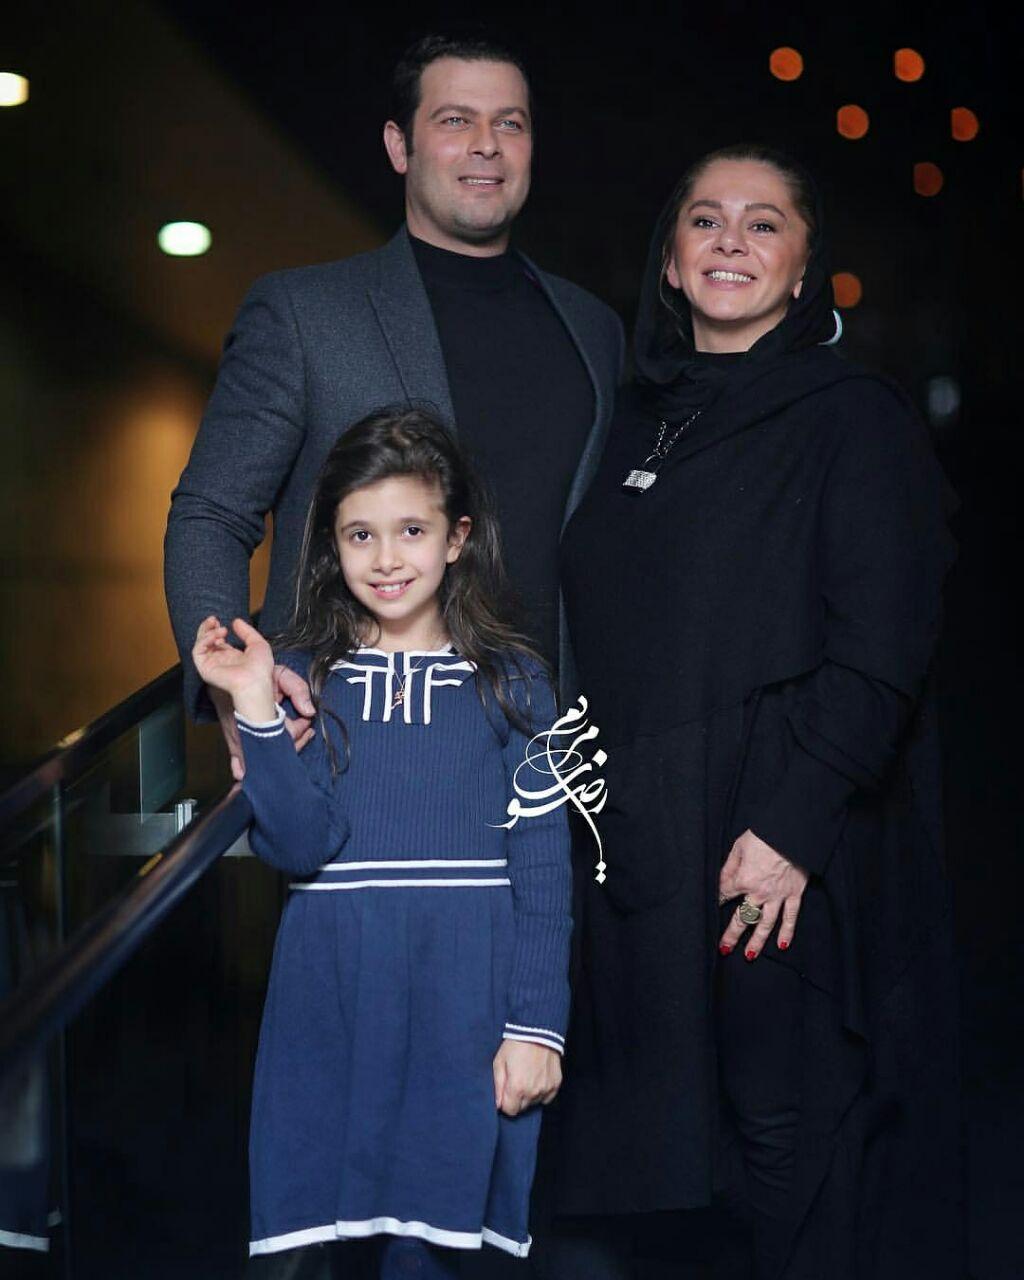 تیپ پژمان بازغی و همسرش دیشب در یک مراسم+ عکس